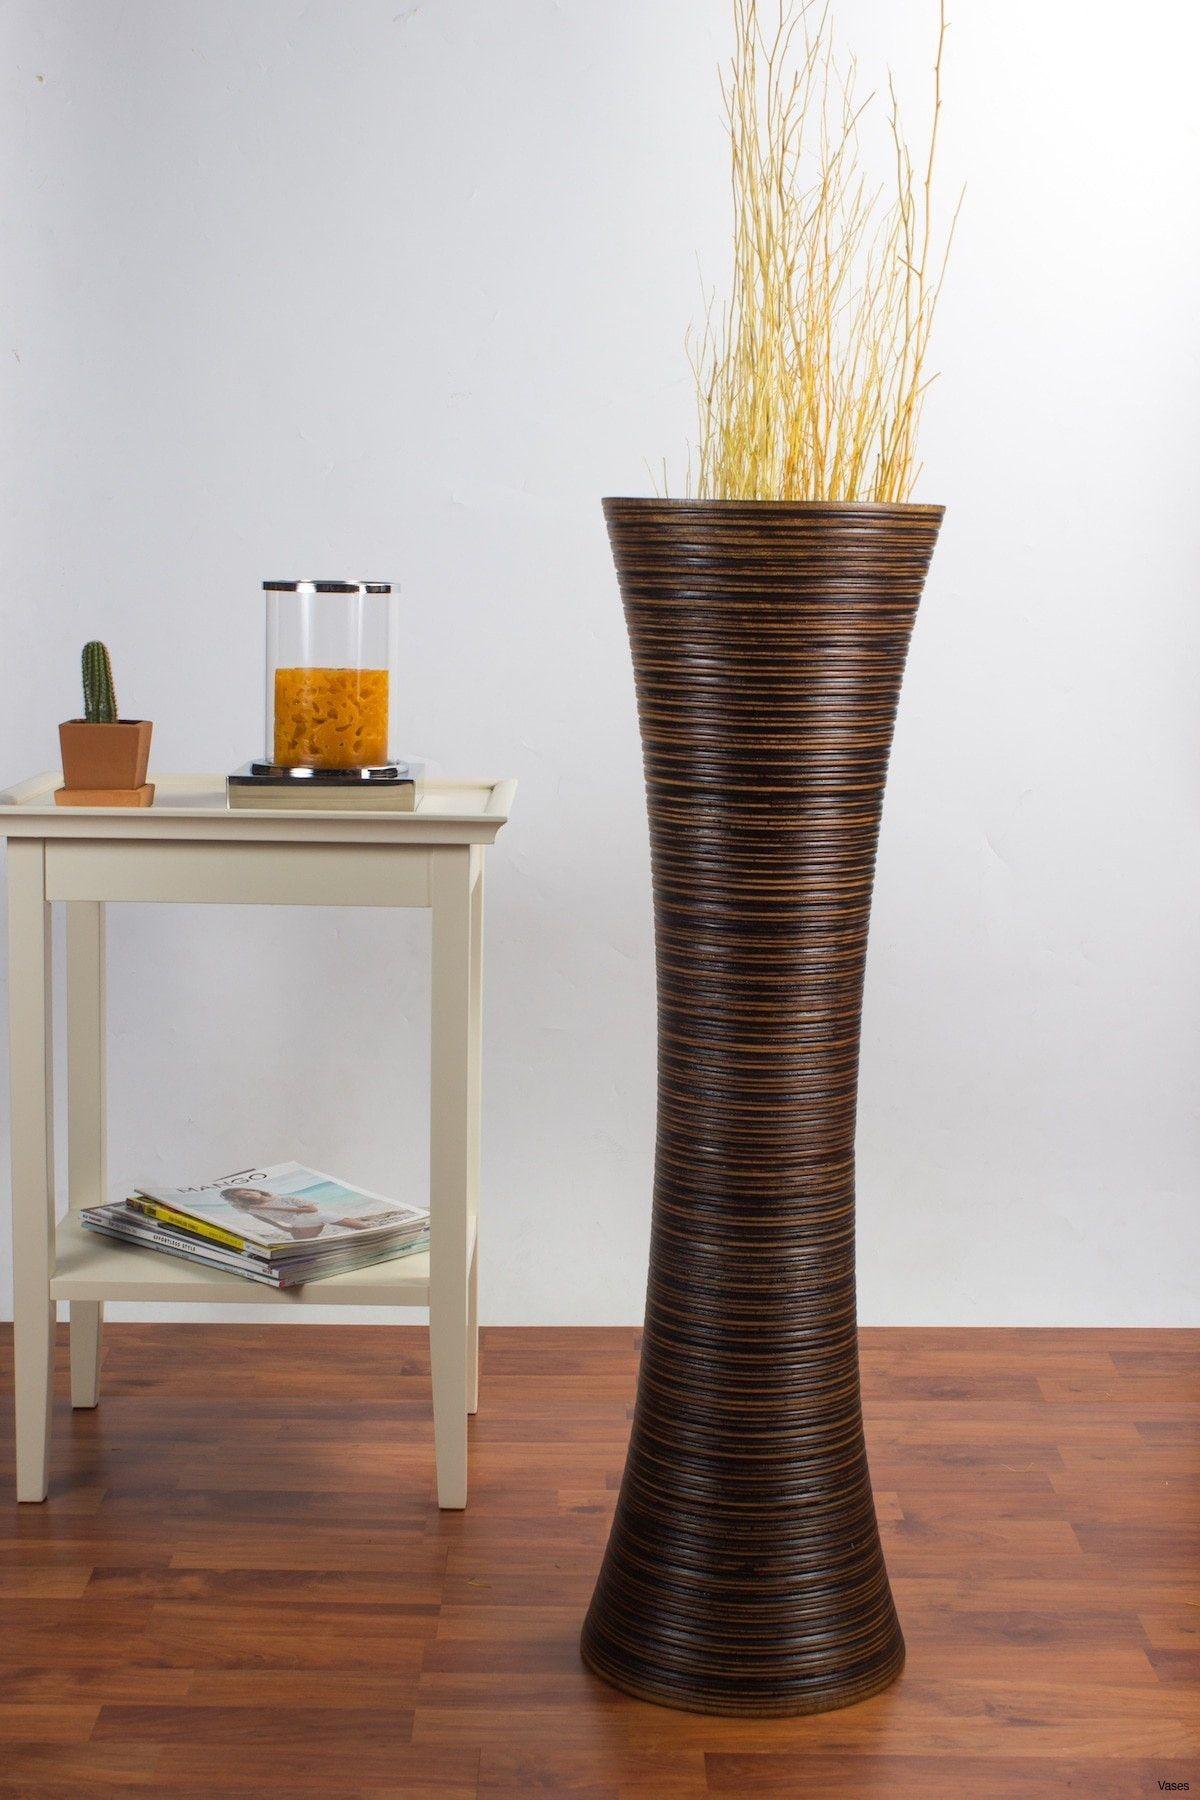 tall floor vase ideas of tall decorative vases luxury decorative floor vases fresh d dkbrw within tall decorative vases luxury decorative floor vases fresh d dkbrw 5749 1h vases tall brown i